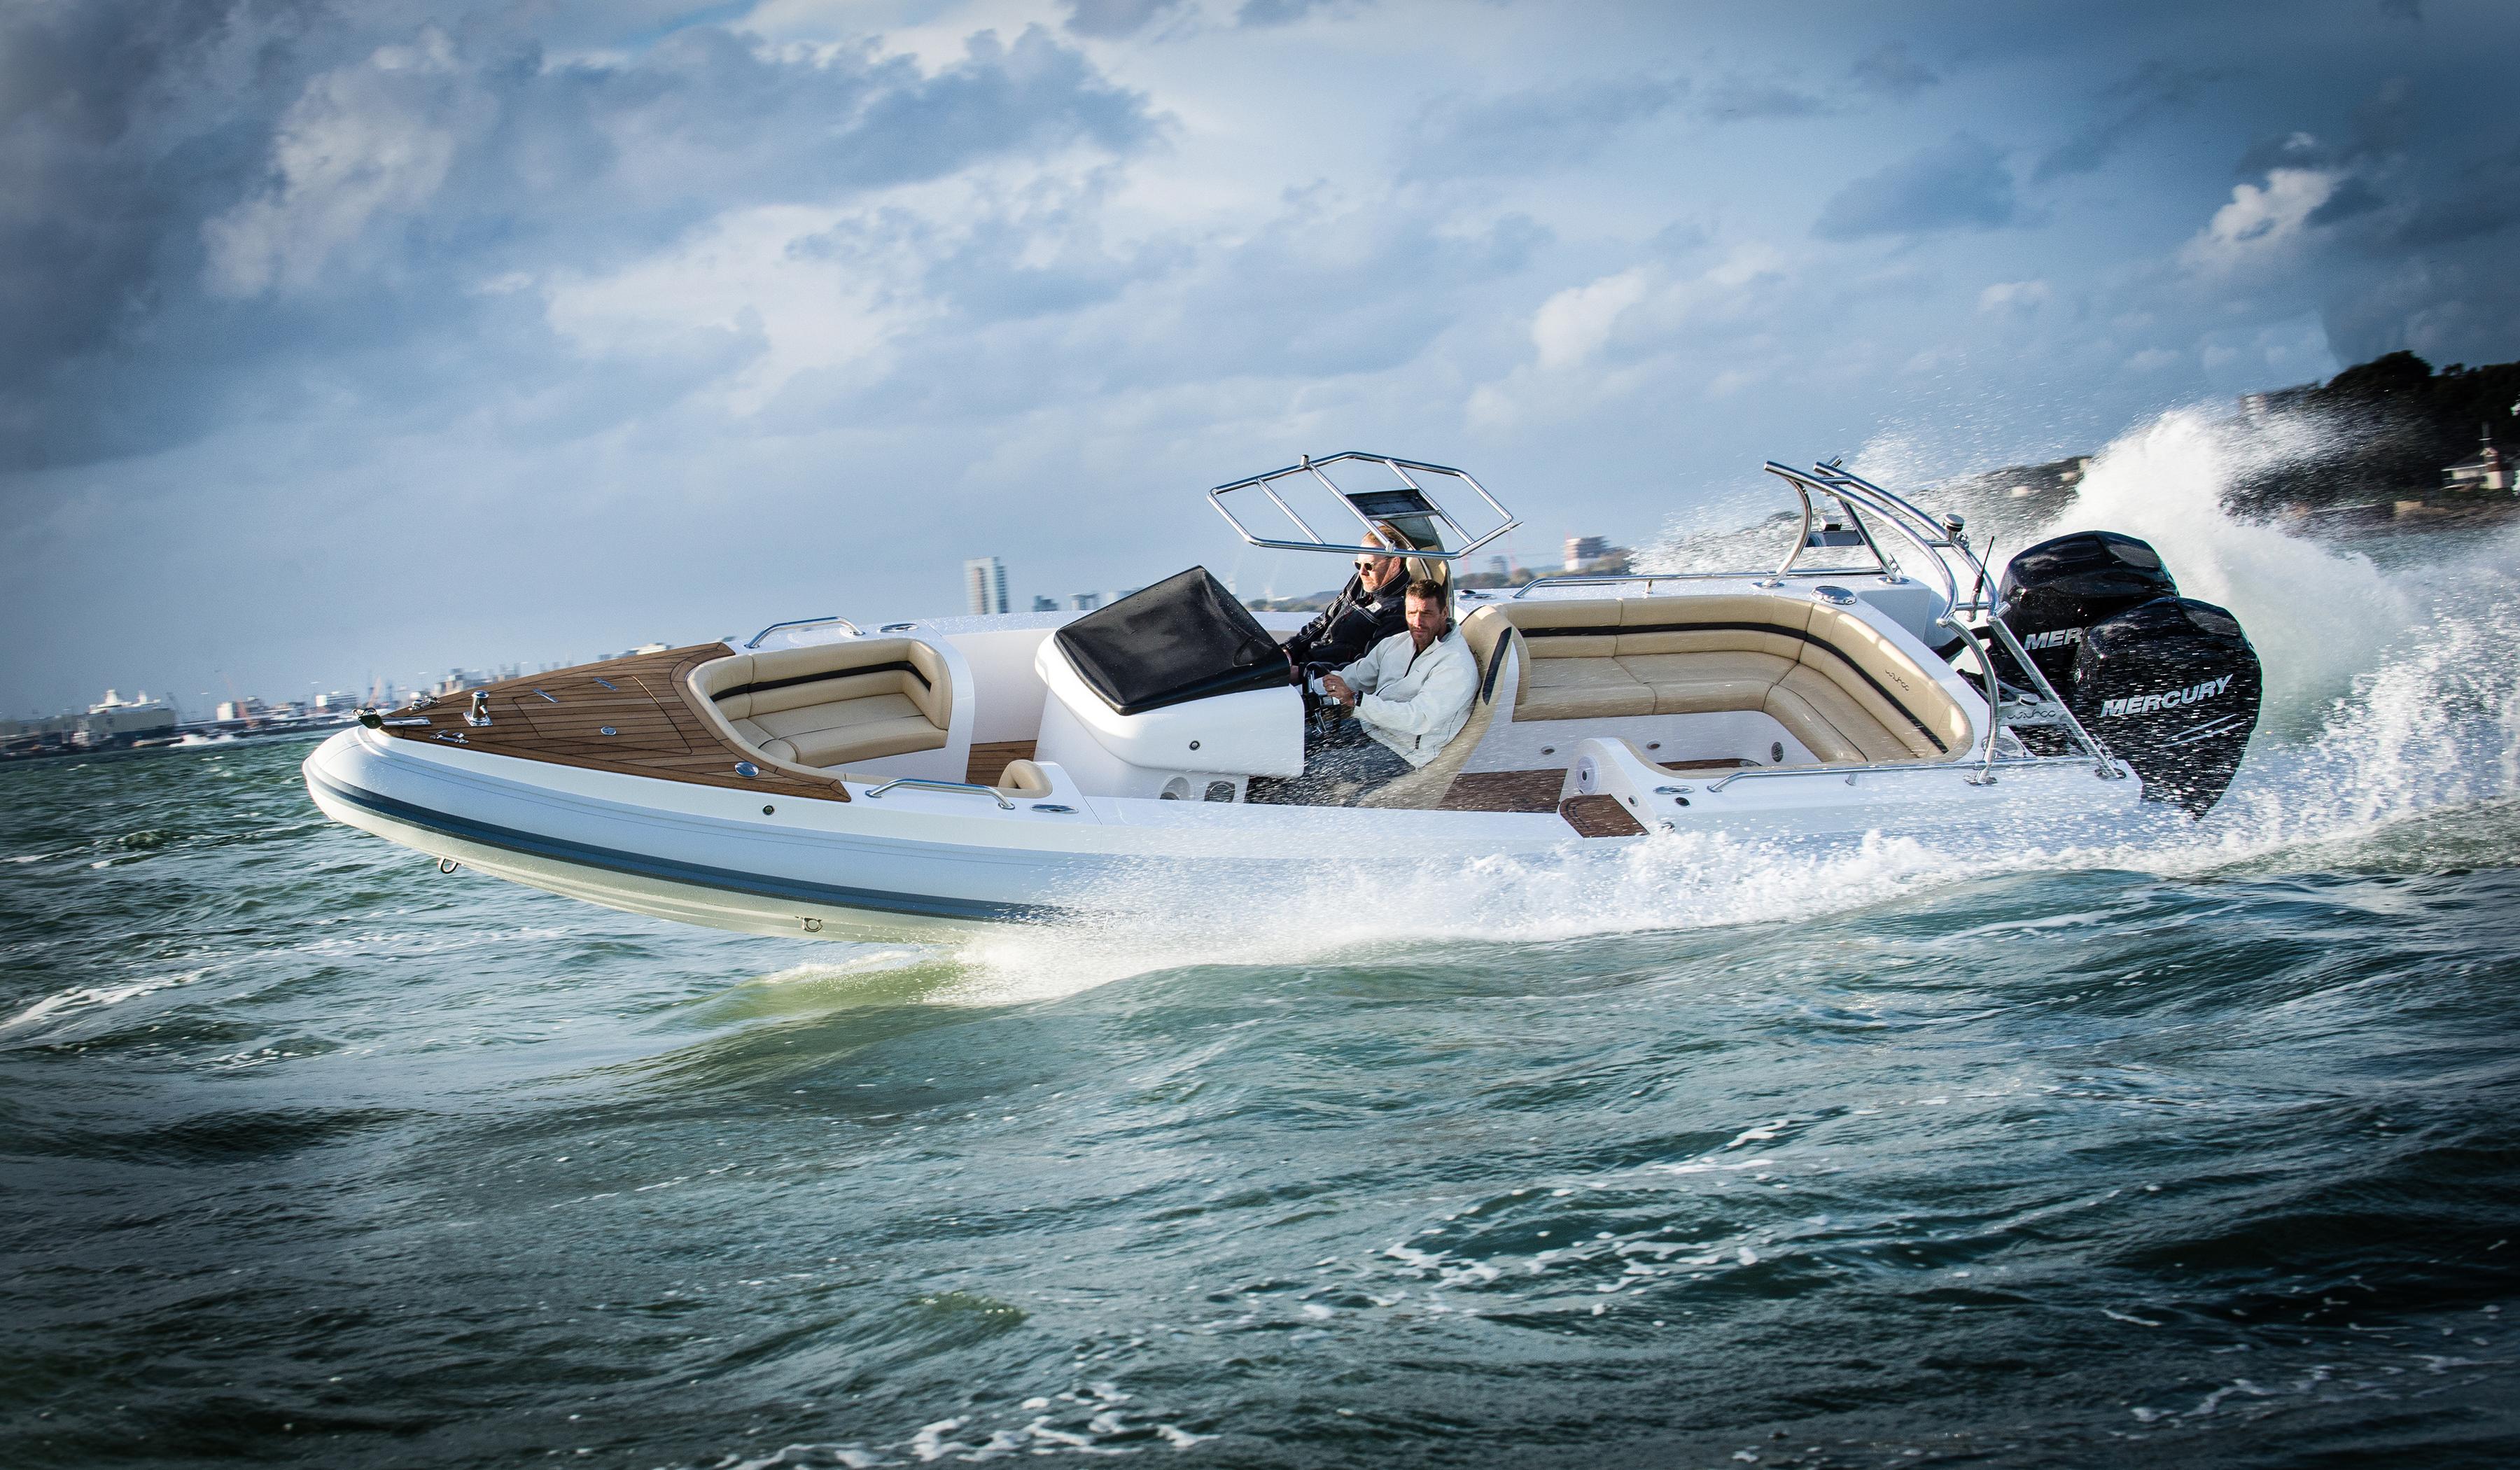 Wahoo LX 600 superyacht tender